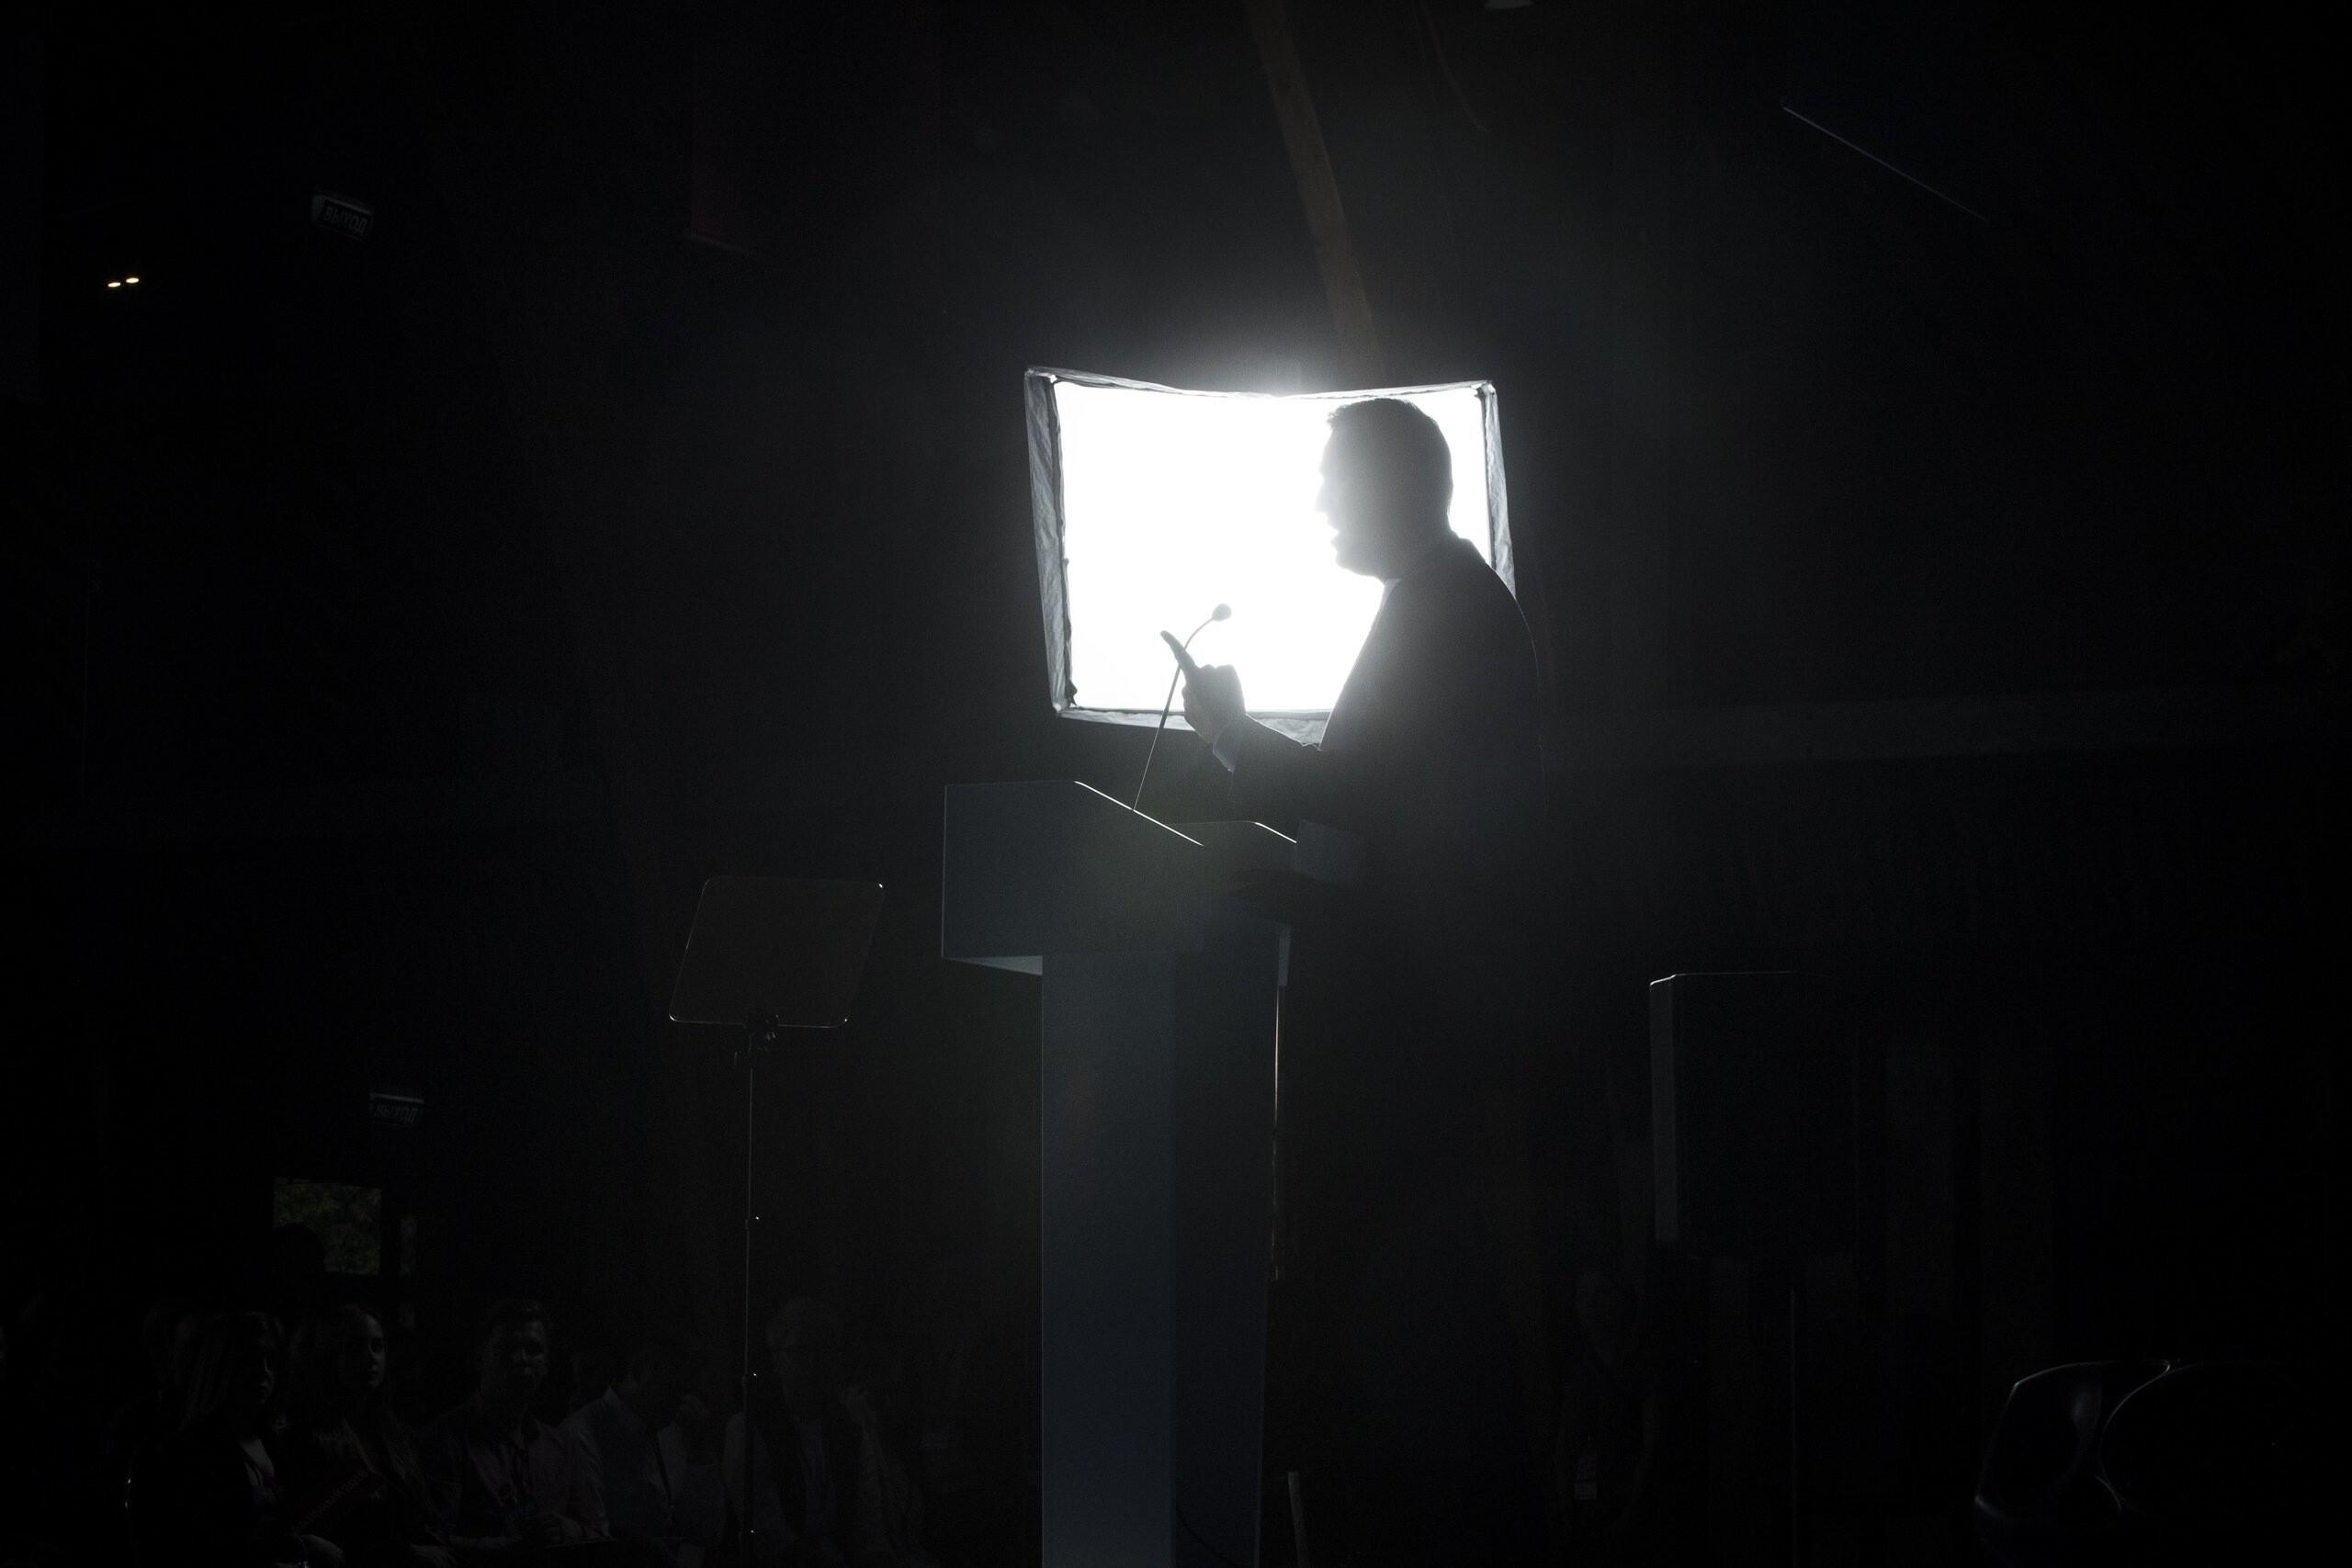 «Так бывает»: Навальный рассказал о намерении бороться с олигархией в СМИ